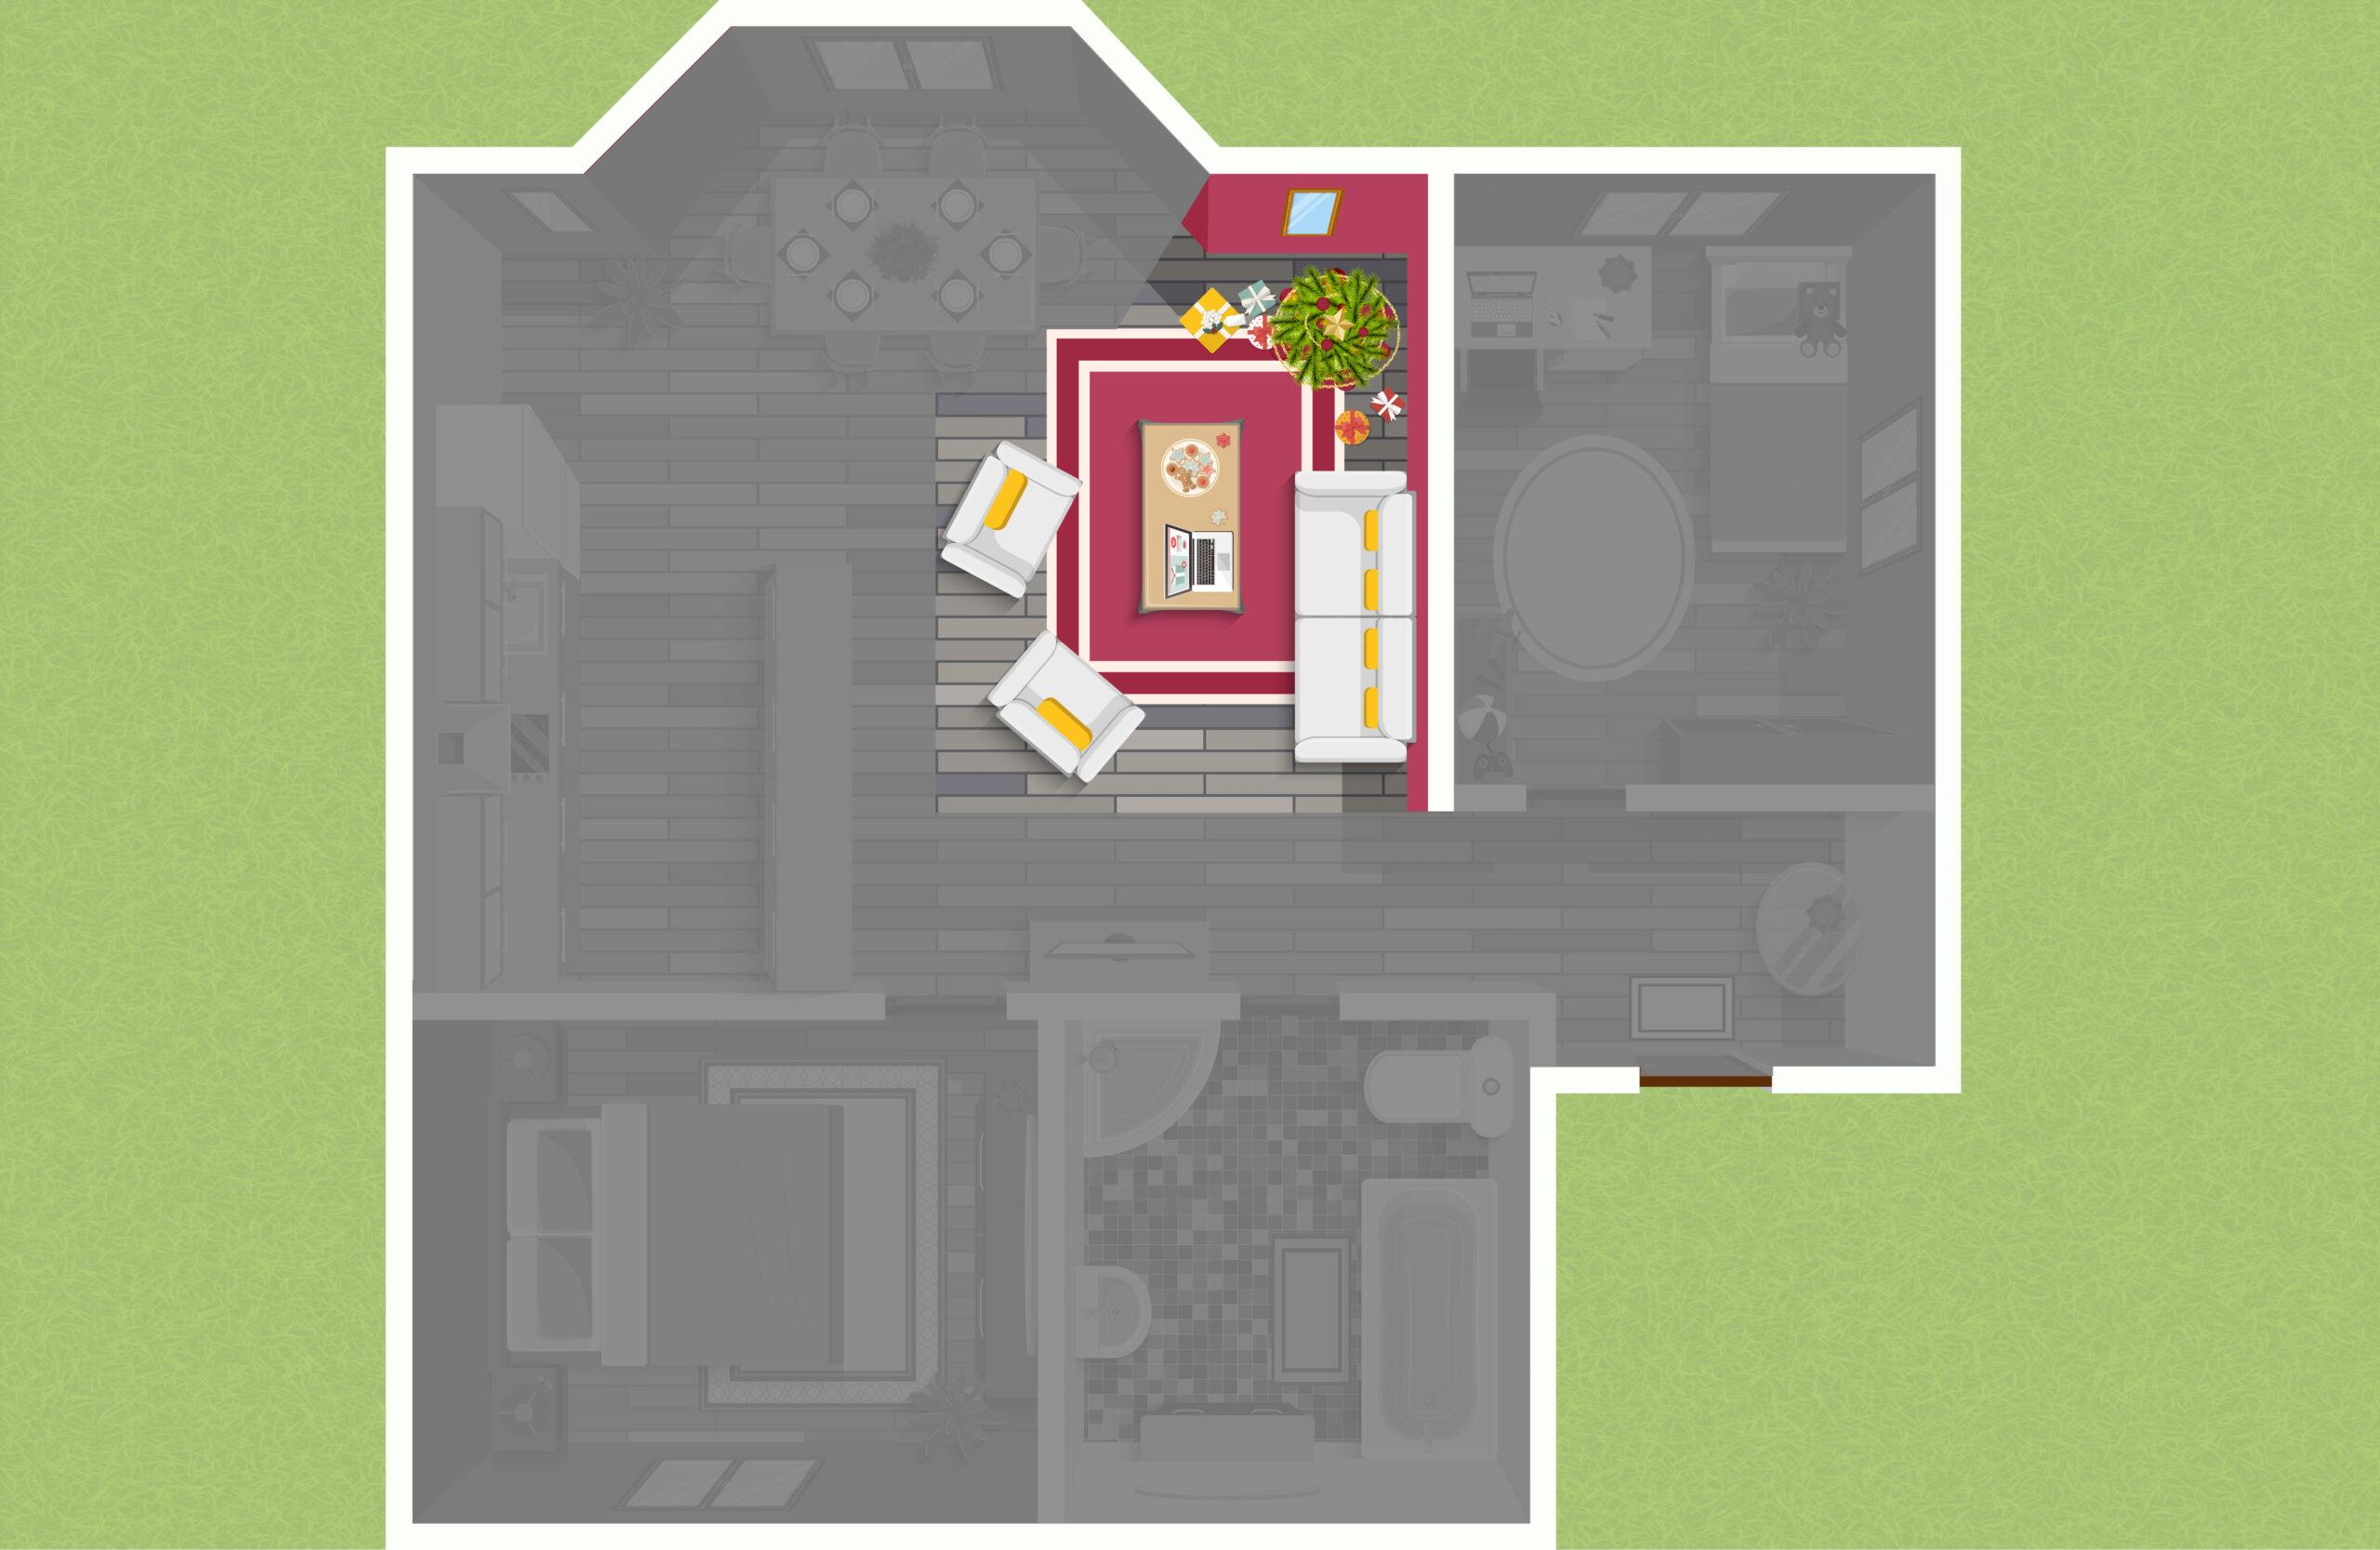 Einrichtungsstile aus aller Welt Industrial Style   Wohnfühlen